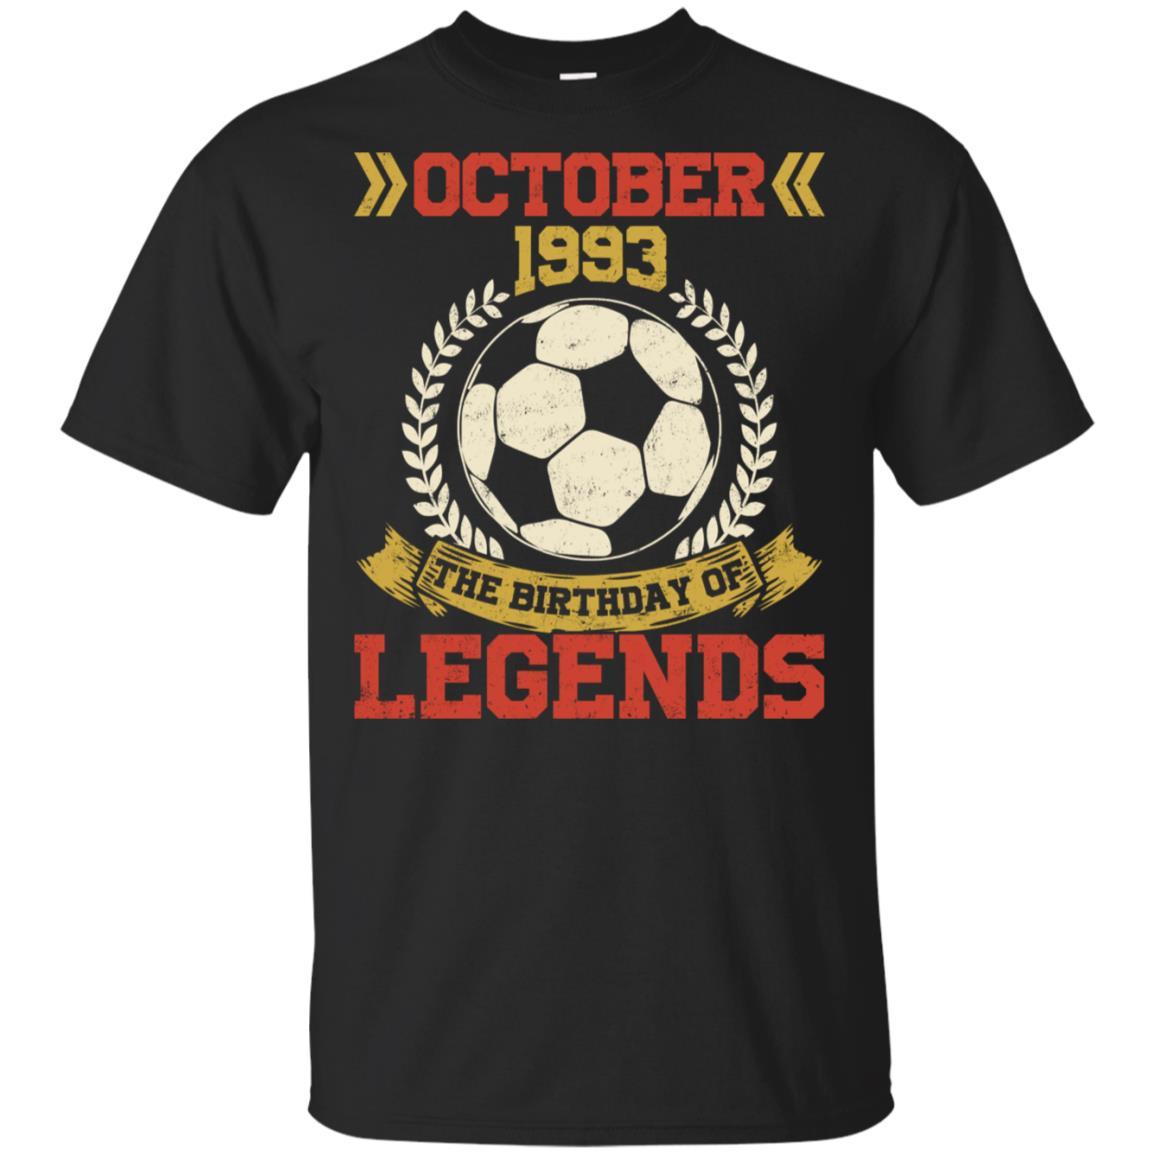 1993 October 25th Birthday Of Football Soccer Legend Unisex Short Sleeve